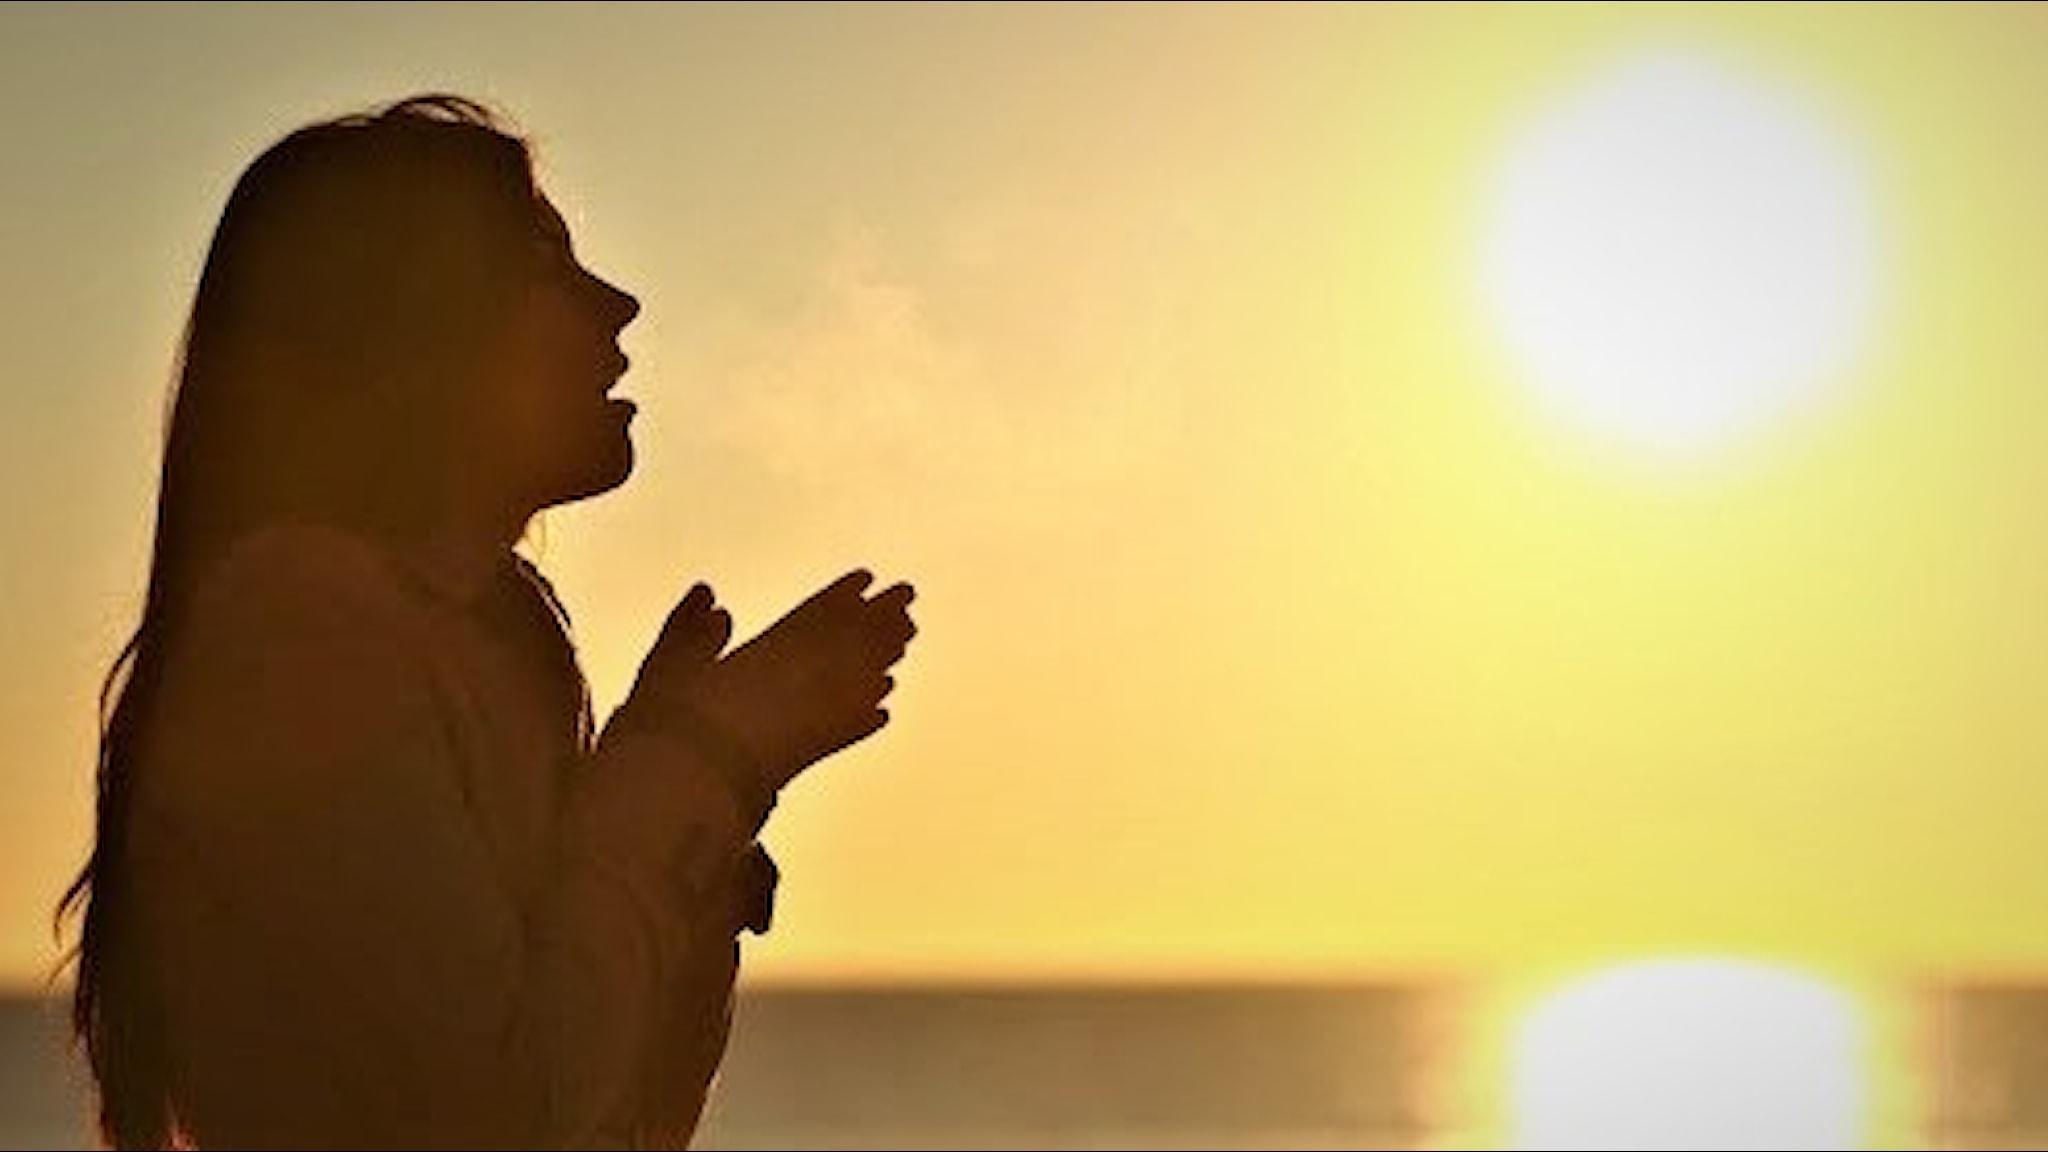 kvinna står i profil i solsken